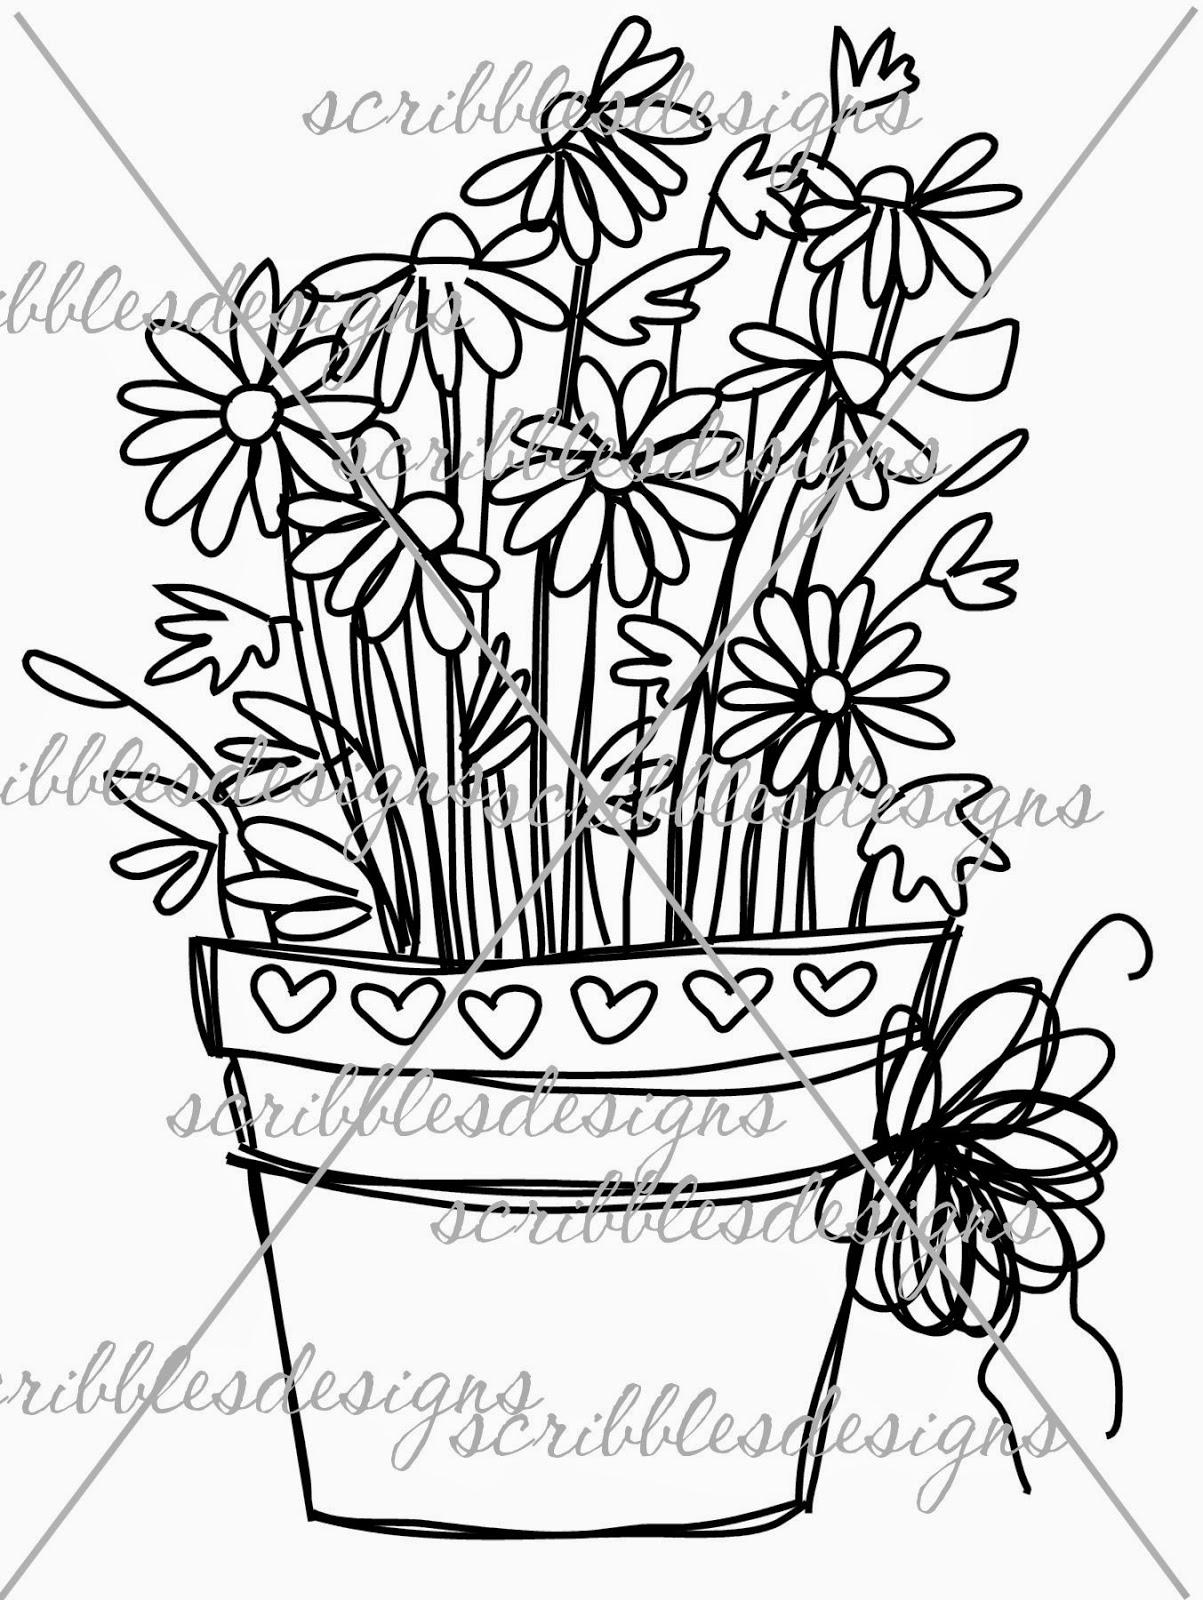 http://4.bp.blogspot.com/-QEHgs8dvbXw/VS2NE2VVSUI/AAAAAAAAVw8/-PY10YvUXIM/s1600/flower%2Bpot%2B2%2BWM.jpg